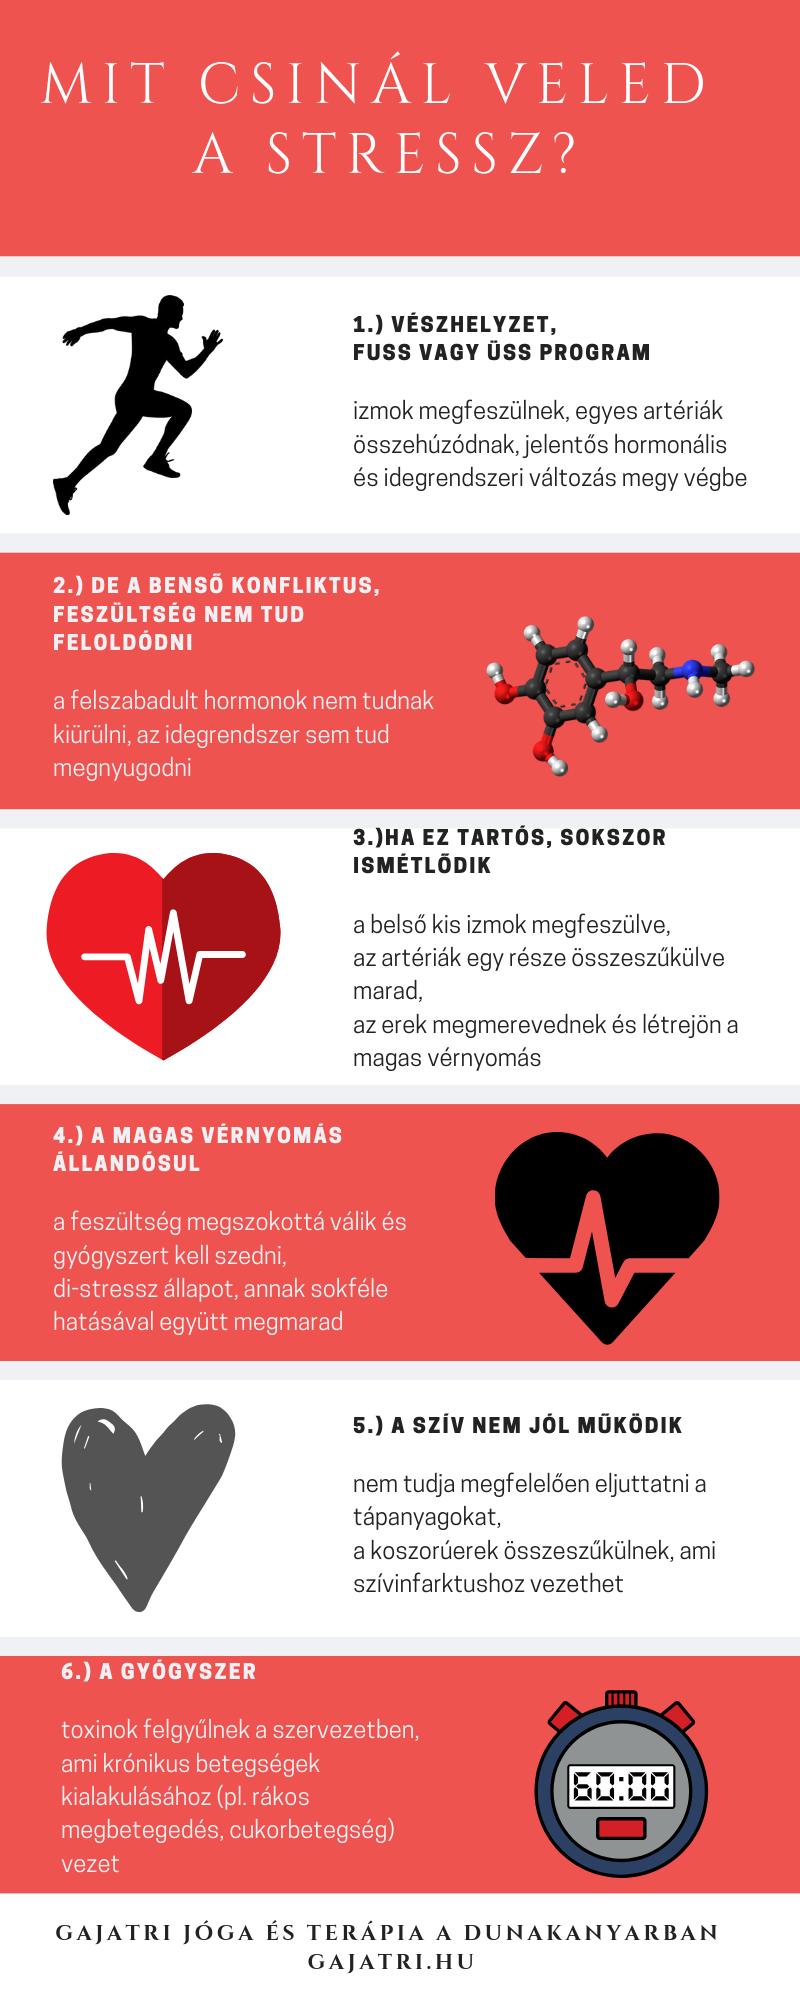 újonnan diagnosztizált magas vérnyomás